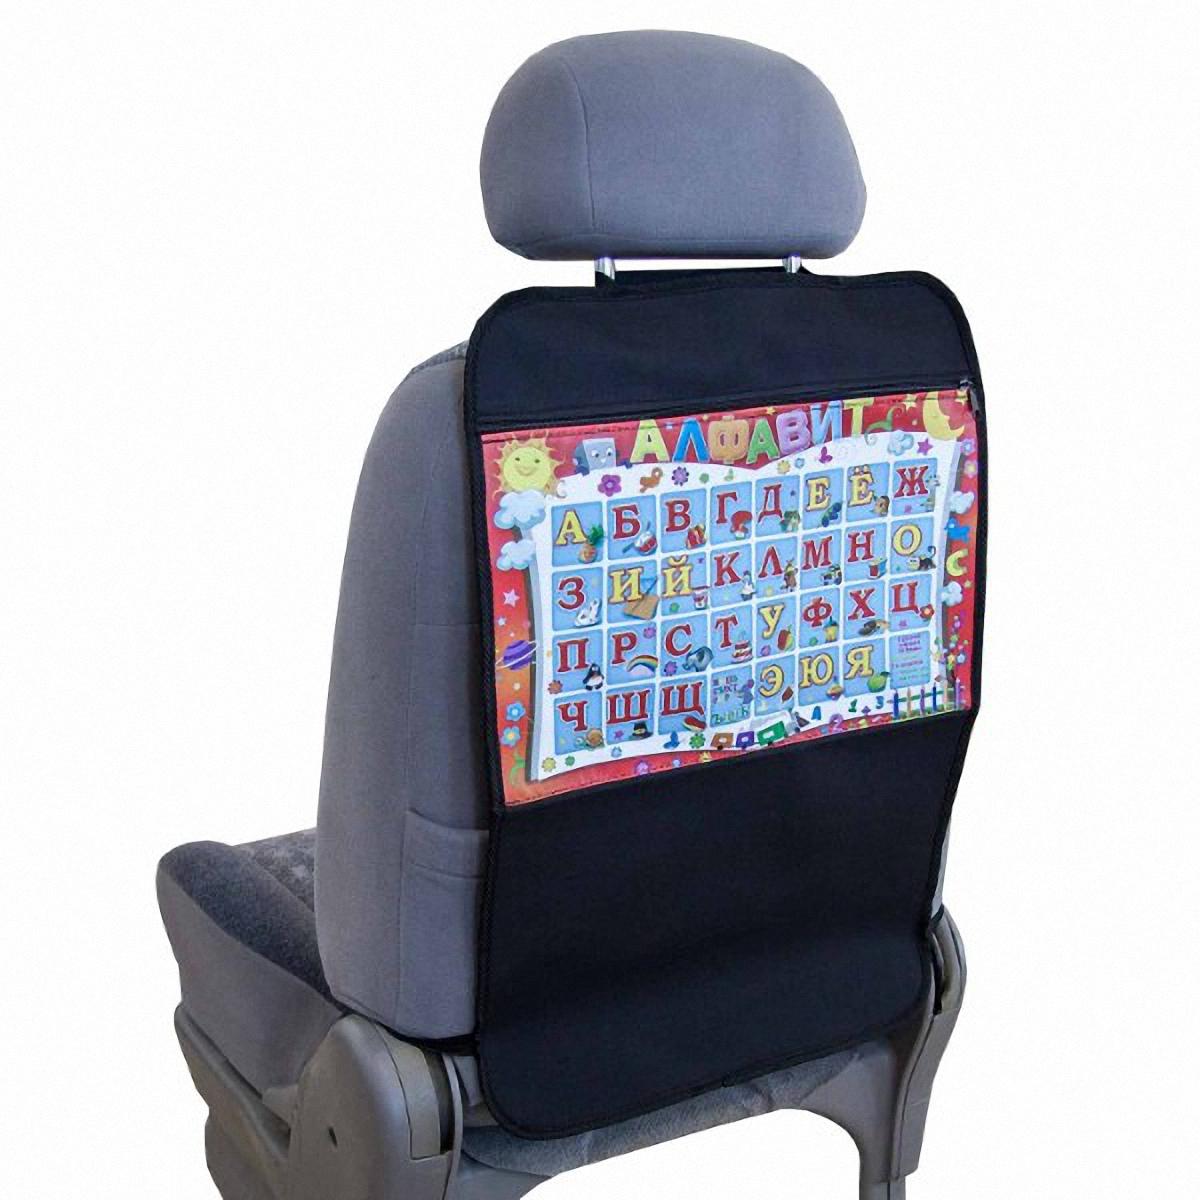 Накидка-органайзер защитная Skyway, на спинку сидения, 37 х 55 см. S06101003S06101003Защитная накидка-органайзер Skyway изготовлена из материалов, отличающихся высокими эксплуатационными характеристиками, благодаря чему в течение длительного времени сохраняет презентабельный внешний вид. Ткань накидки устойчива к механическому воздействию, а также является достаточно прочной и плотной для того, чтобы не пропустить жидкости и другие источники загрязнений к обивке сидений. А рисунок в виде алфавита не даст заскучать вашему ребенку в дальней дороге.Размер изделия: 37 х 55 см.